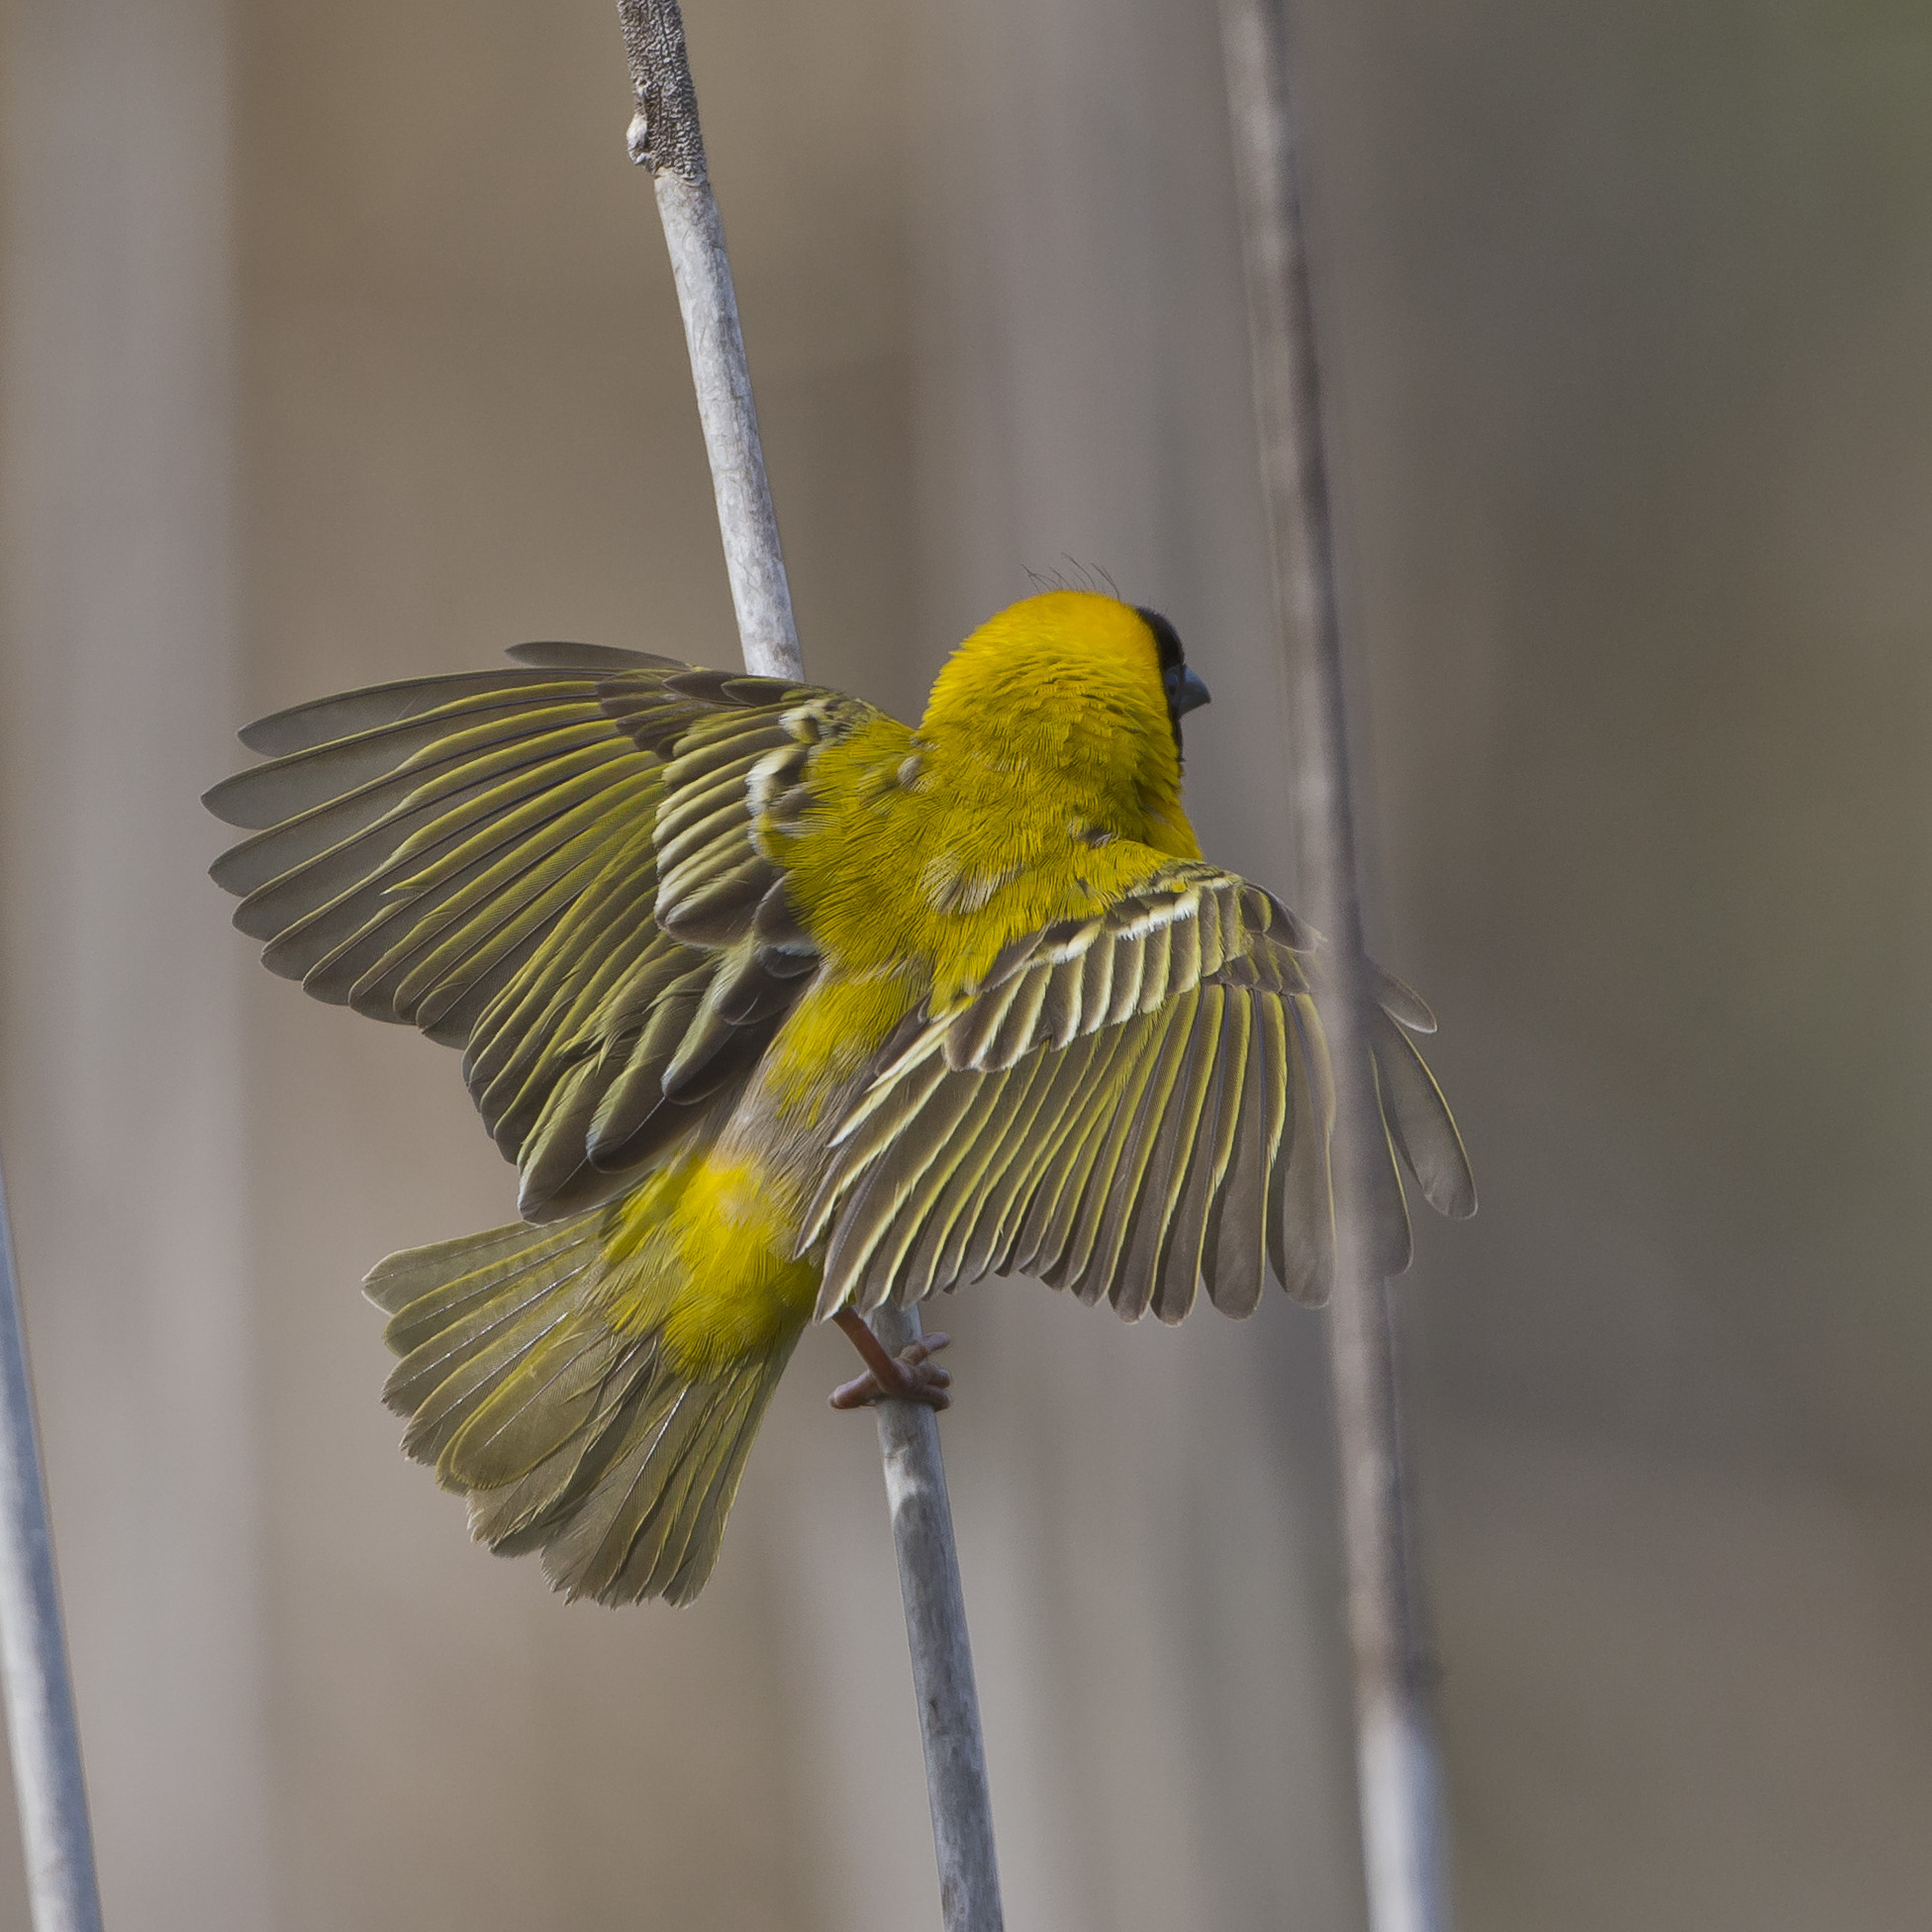 ... mit heftigen Flügelbewegungen ...